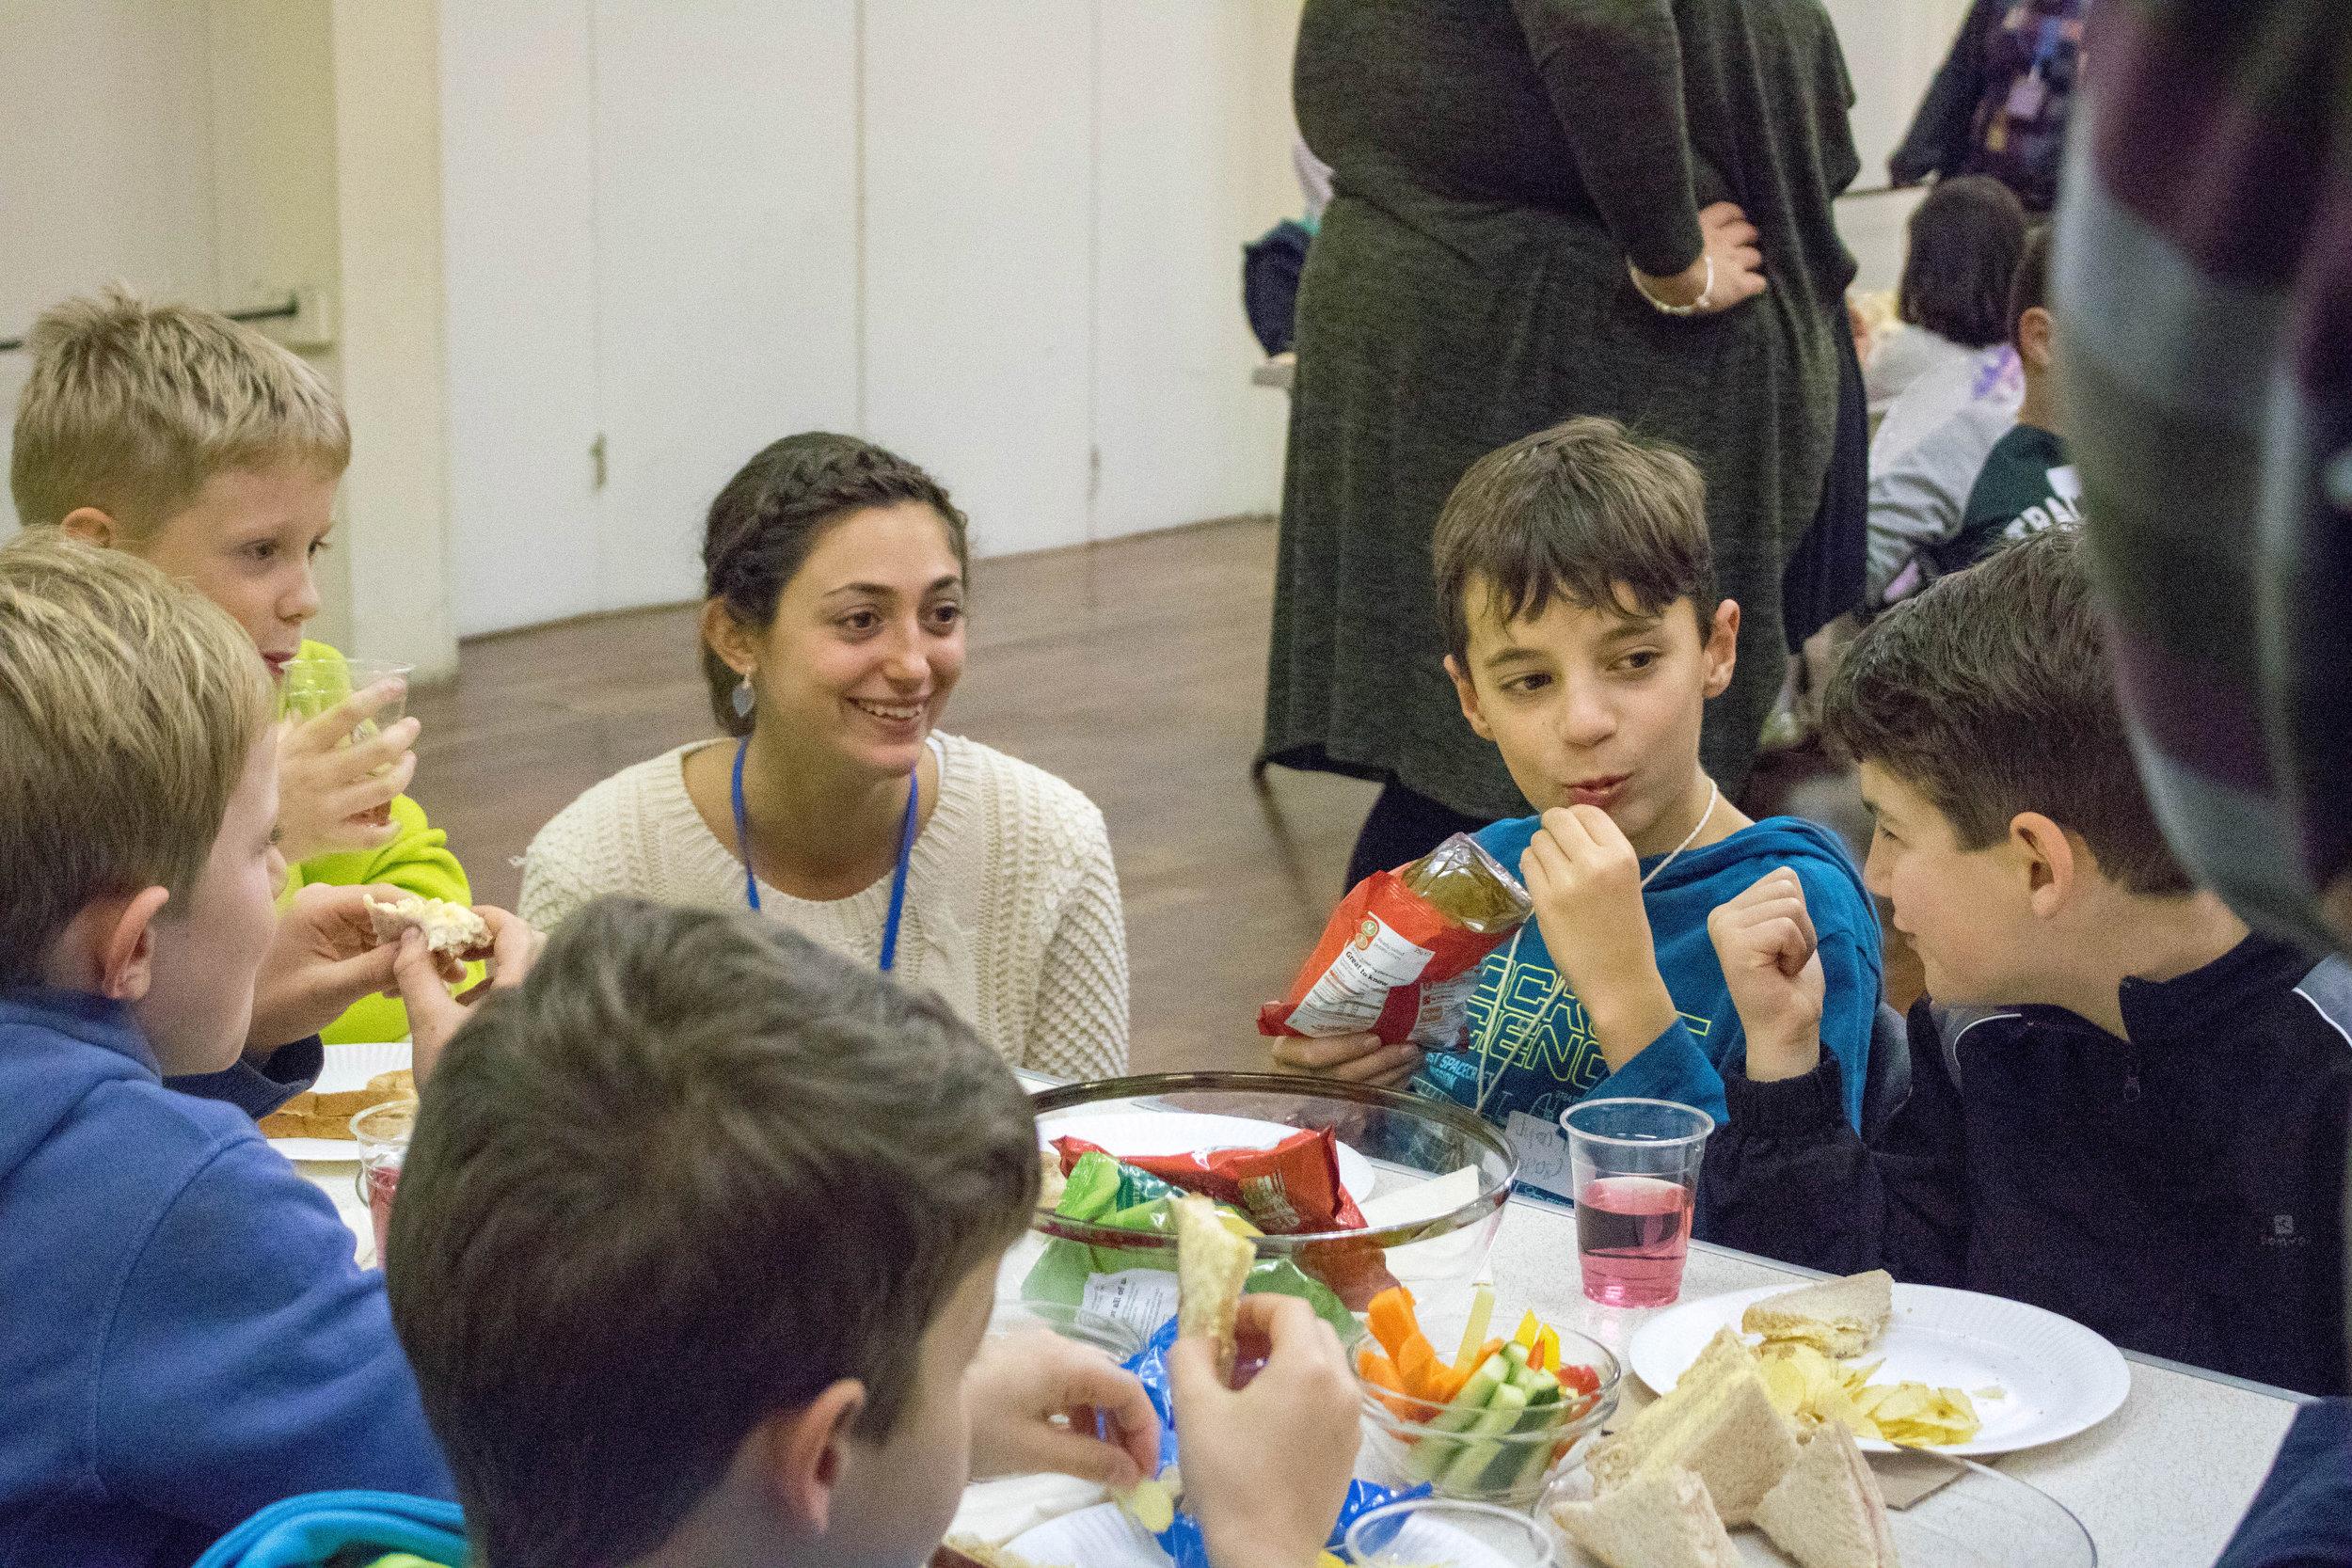 st-johns-harborne-children-eating-web.jpg